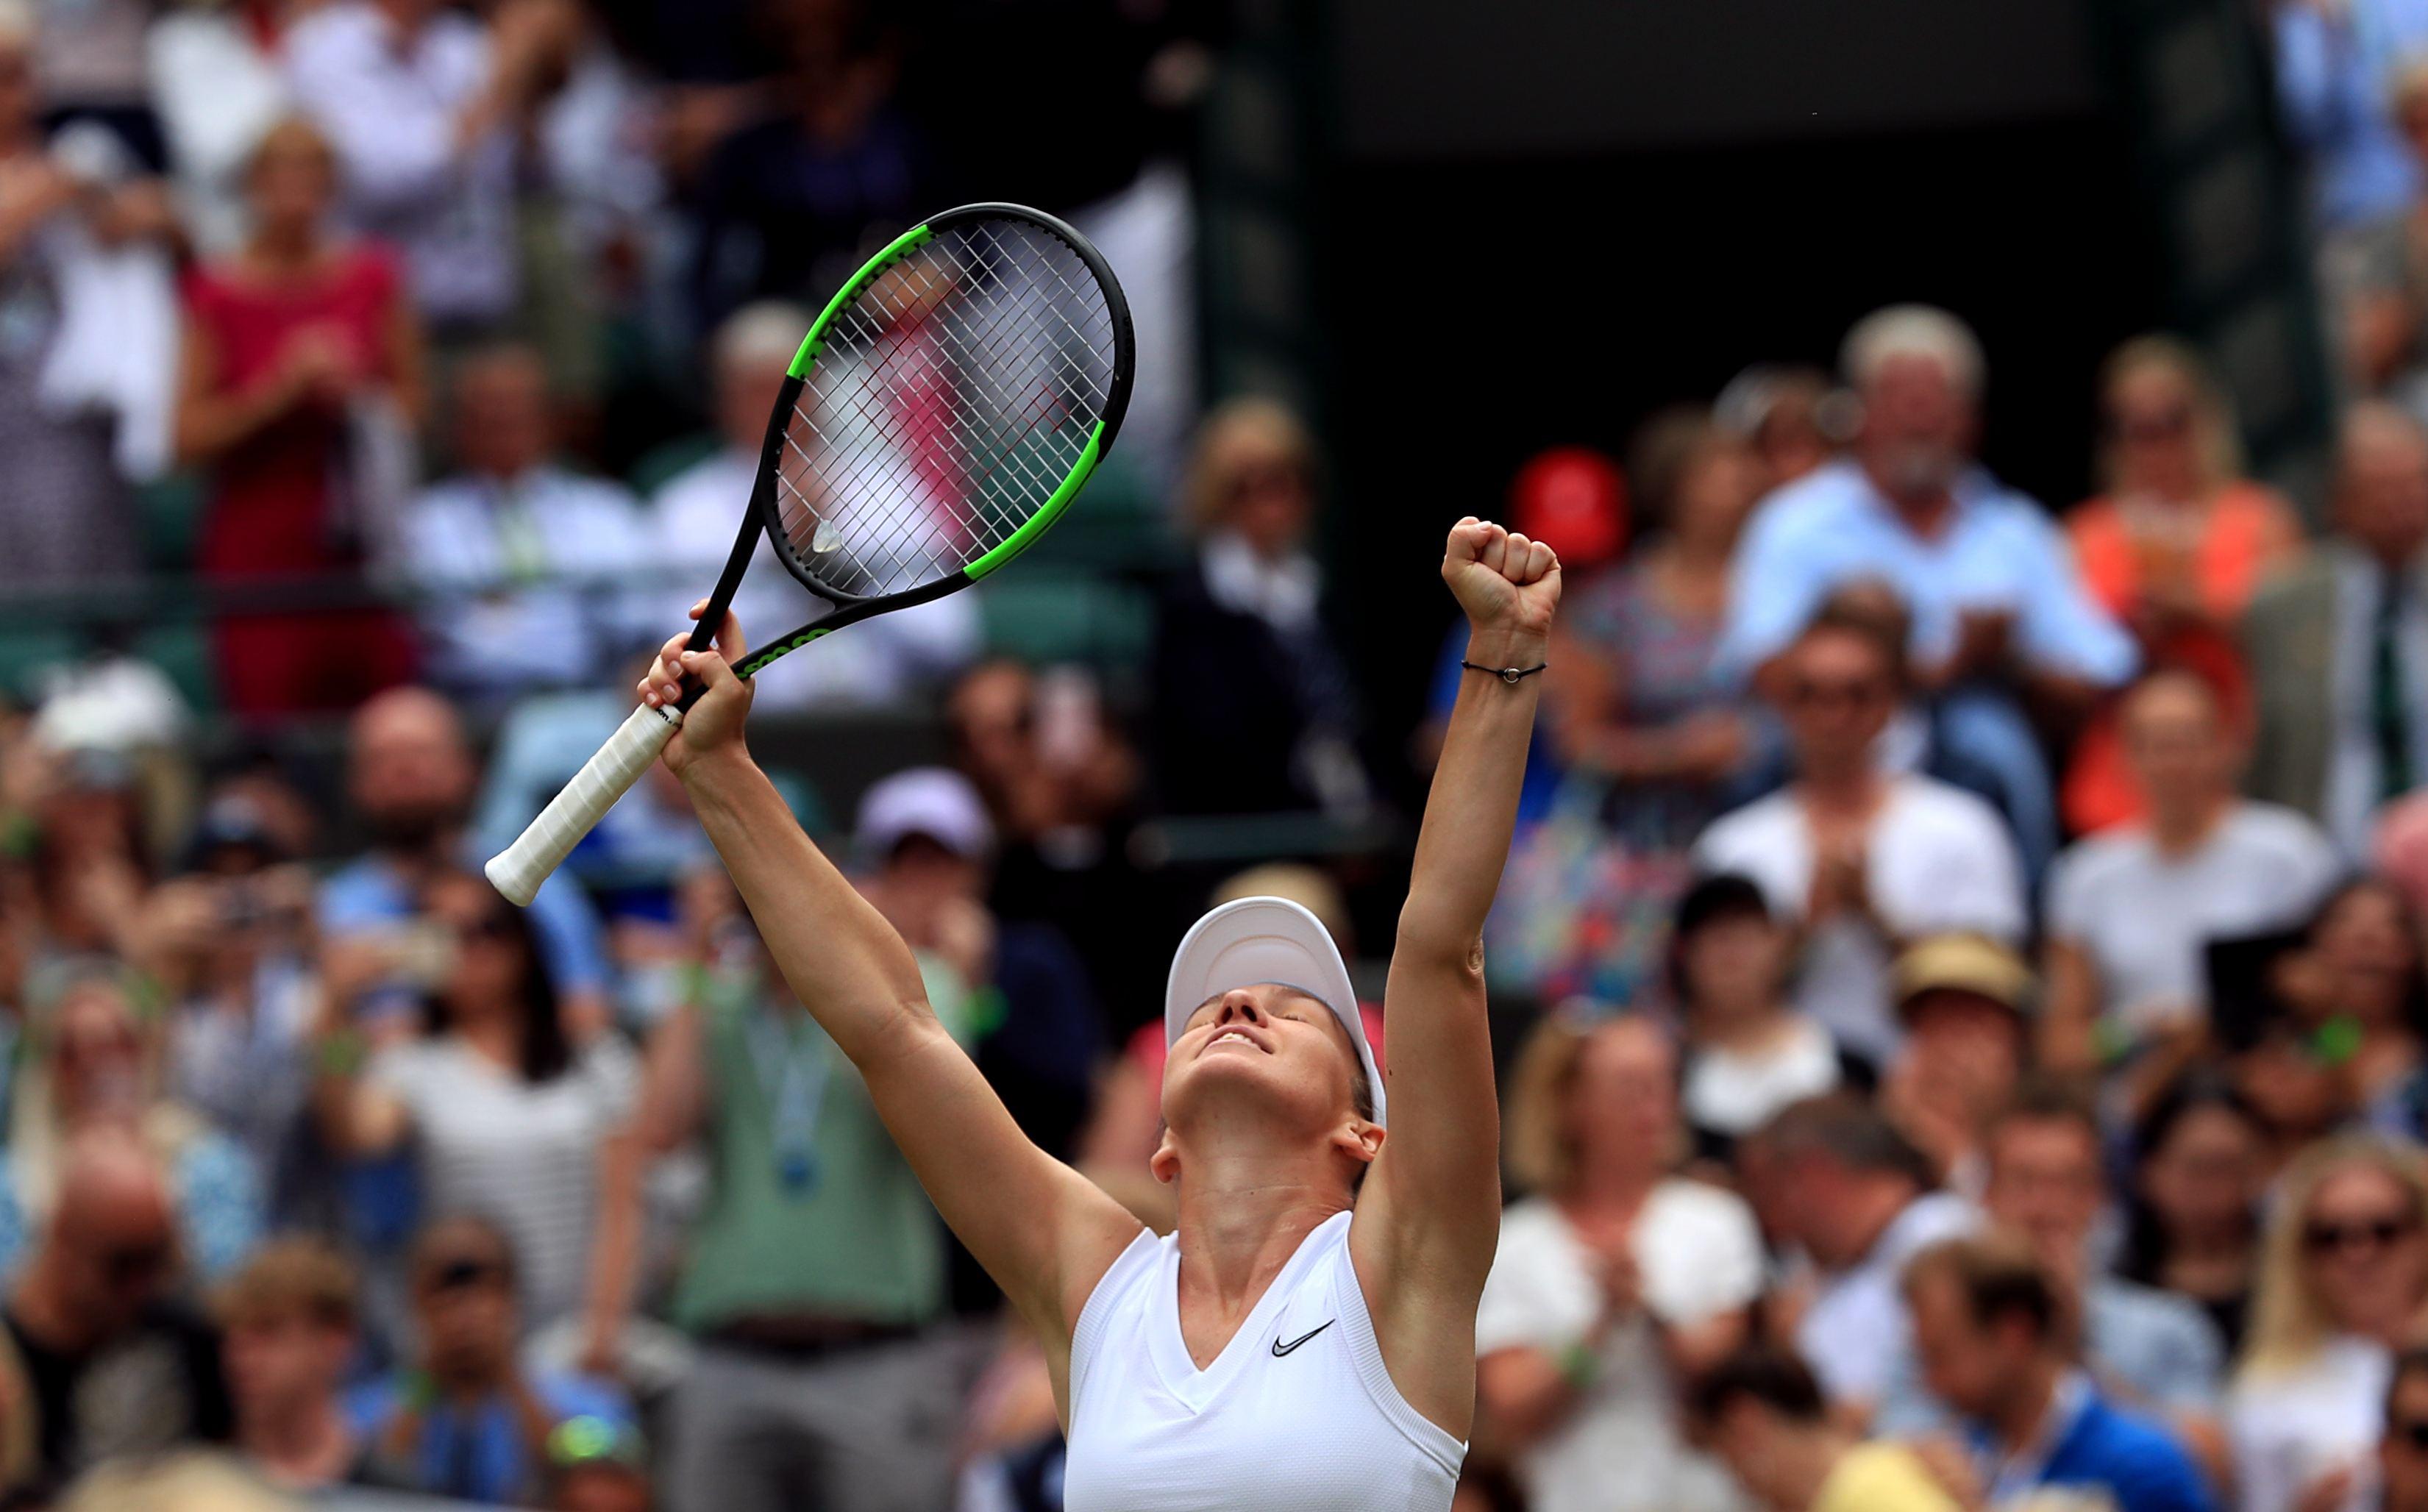 Ilie Nastase e sigur că Simona Halep va câștiga finala Wimbledon. Ce ar face dacă ar fi antrenorul Simonei